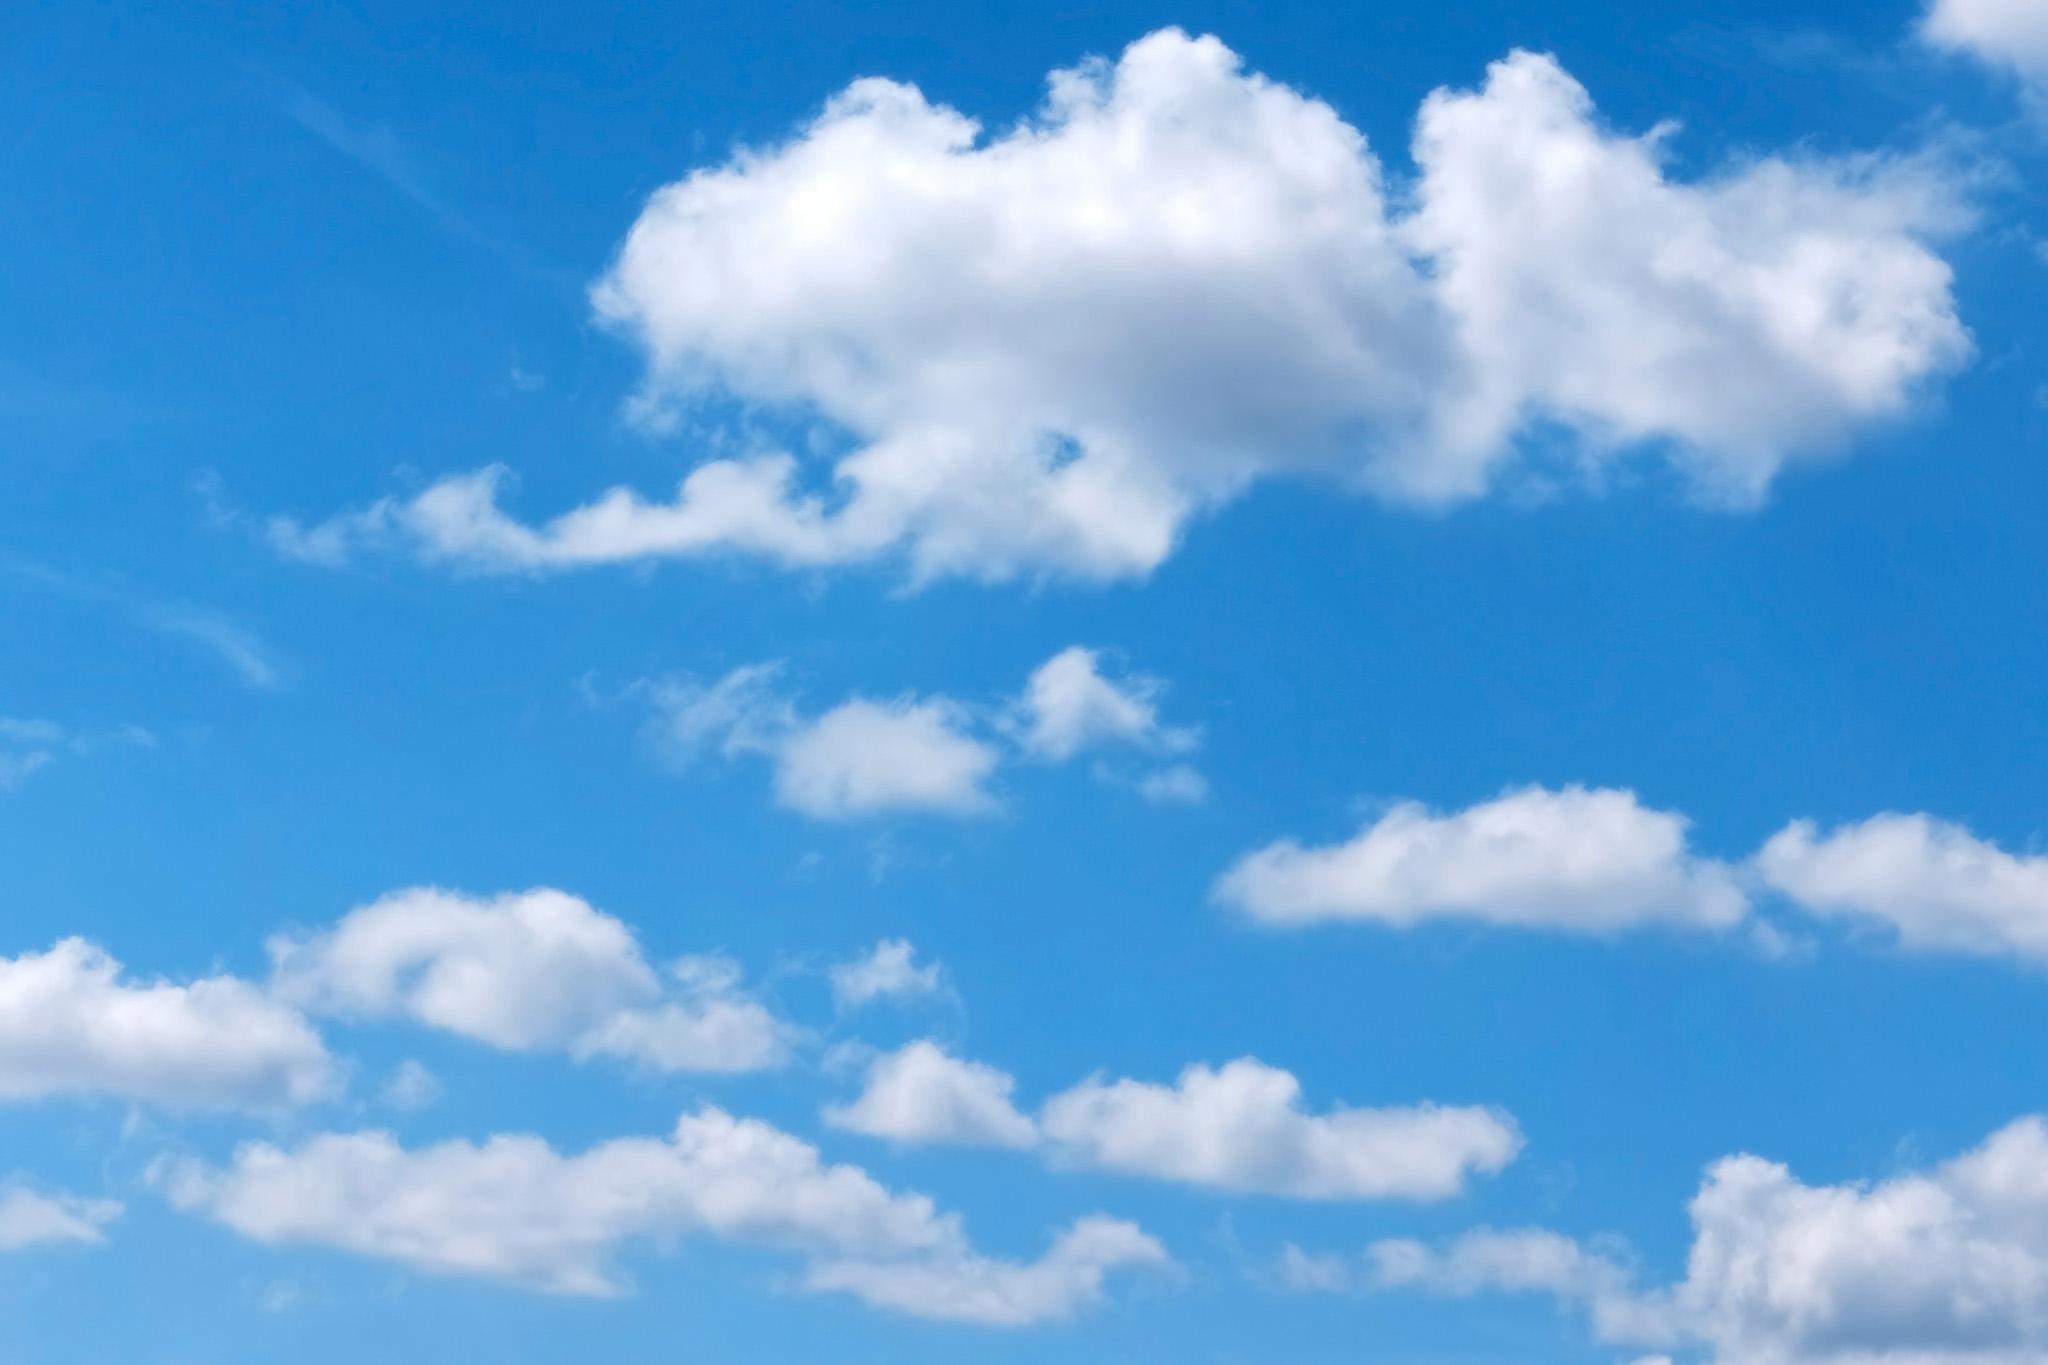 「濁りがない青空と綿雲」